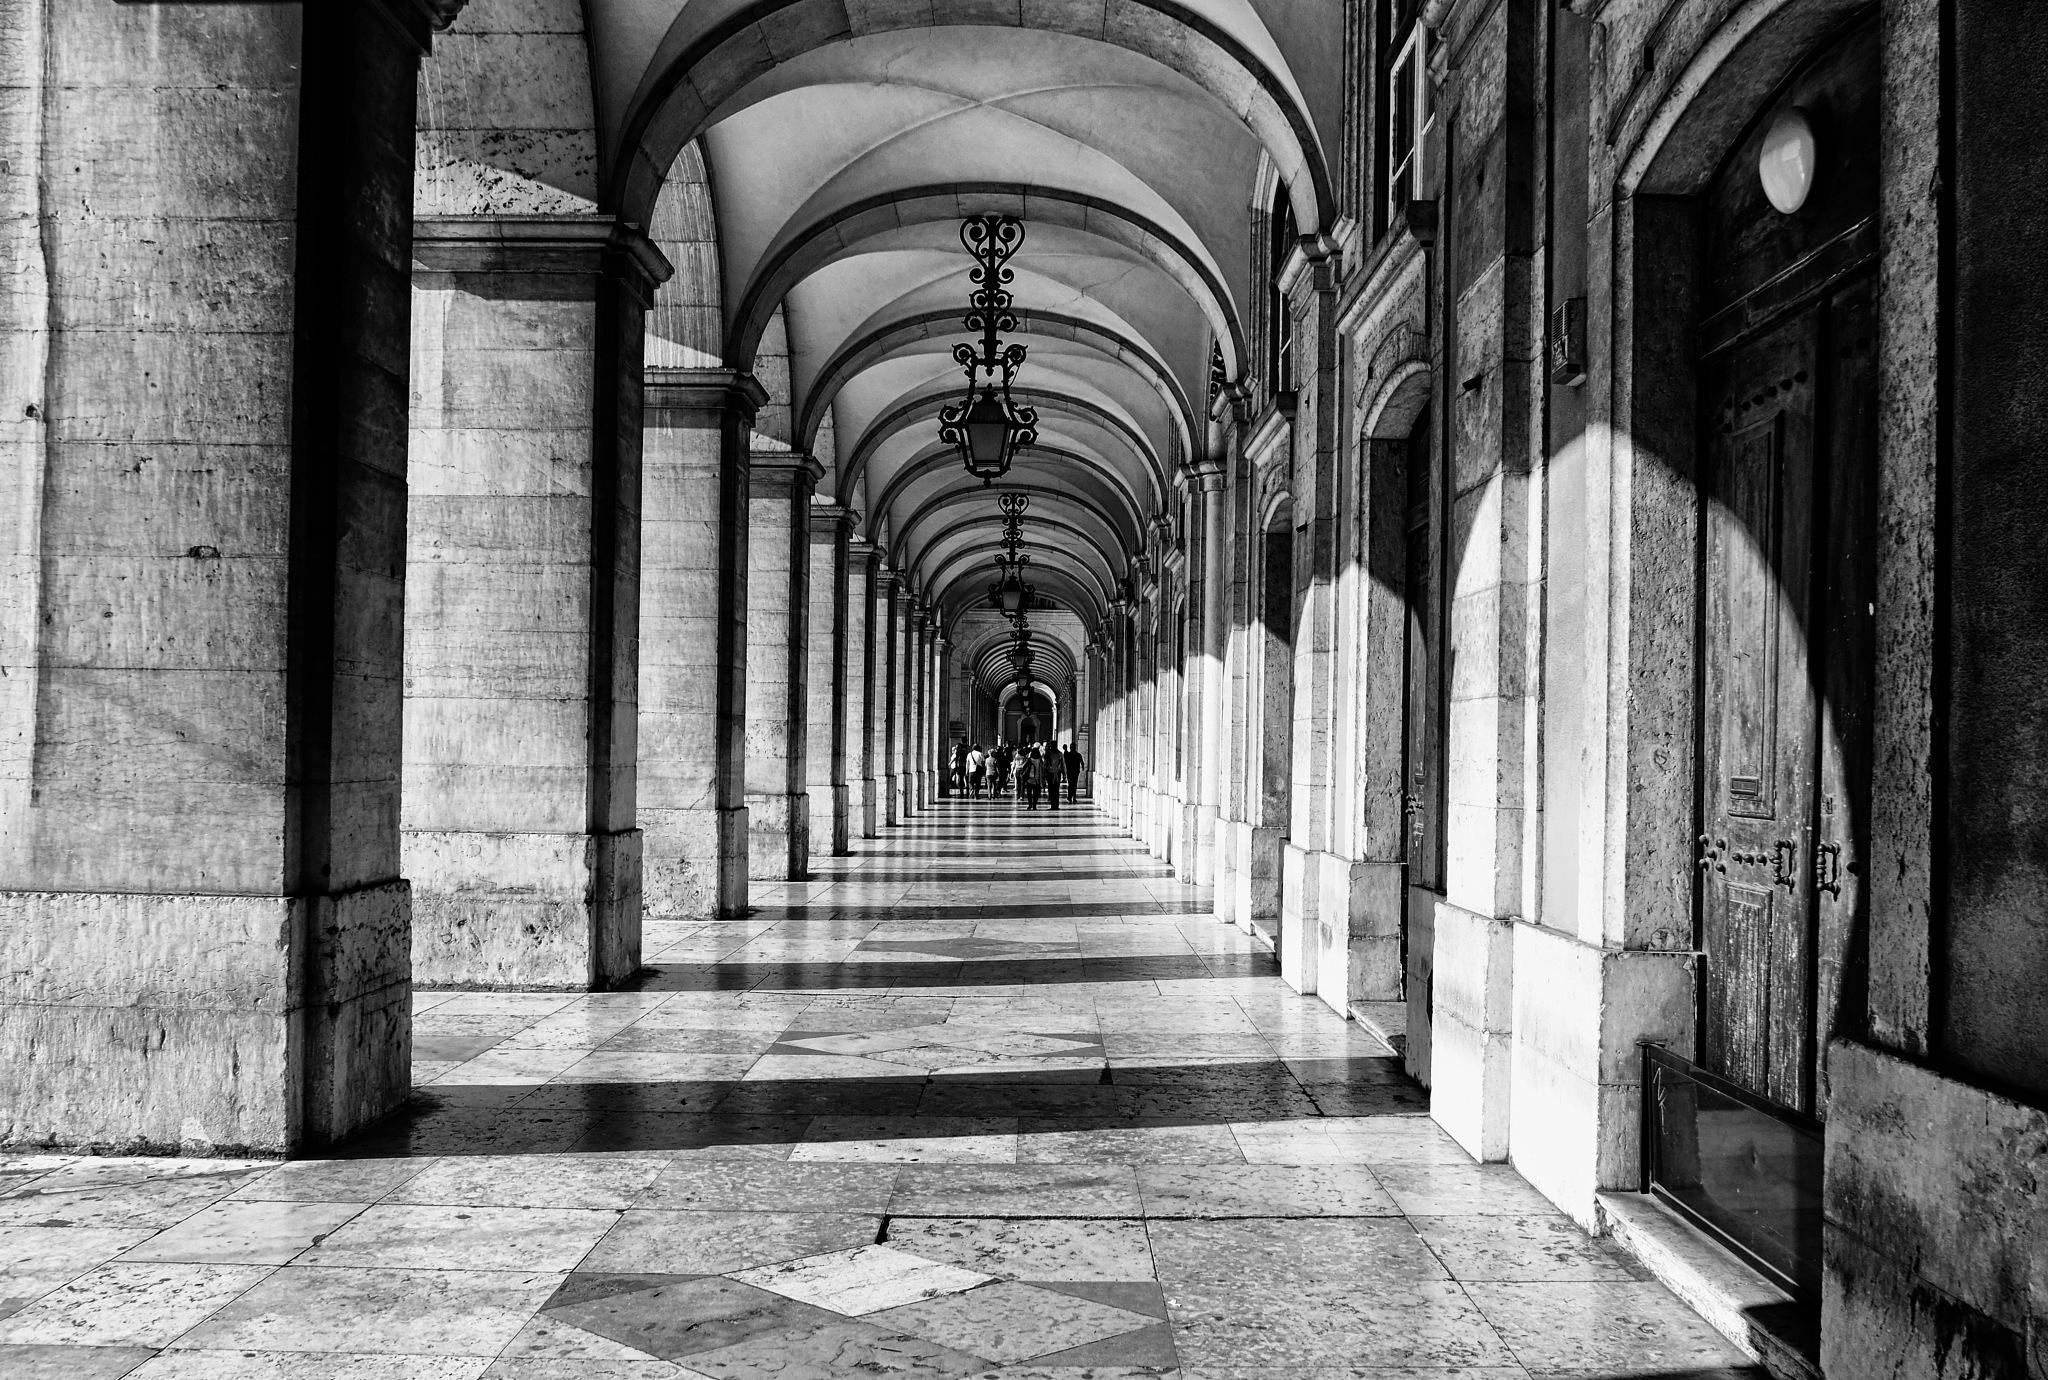 Lisbon (Praça do Comércio arcades) by Vítor Martins